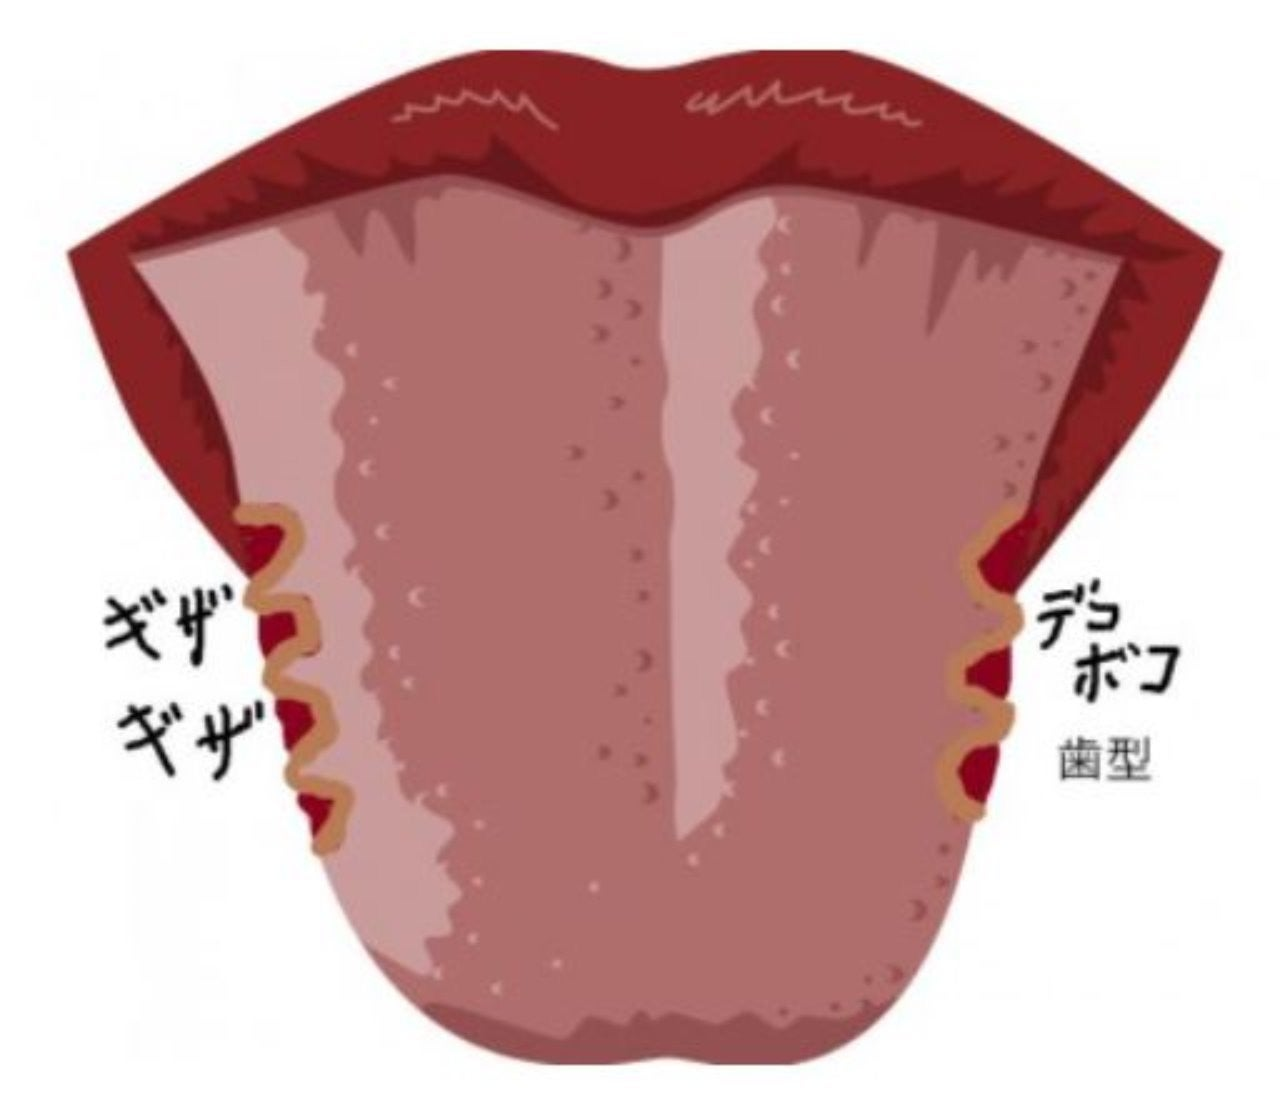 治す 舌 白い